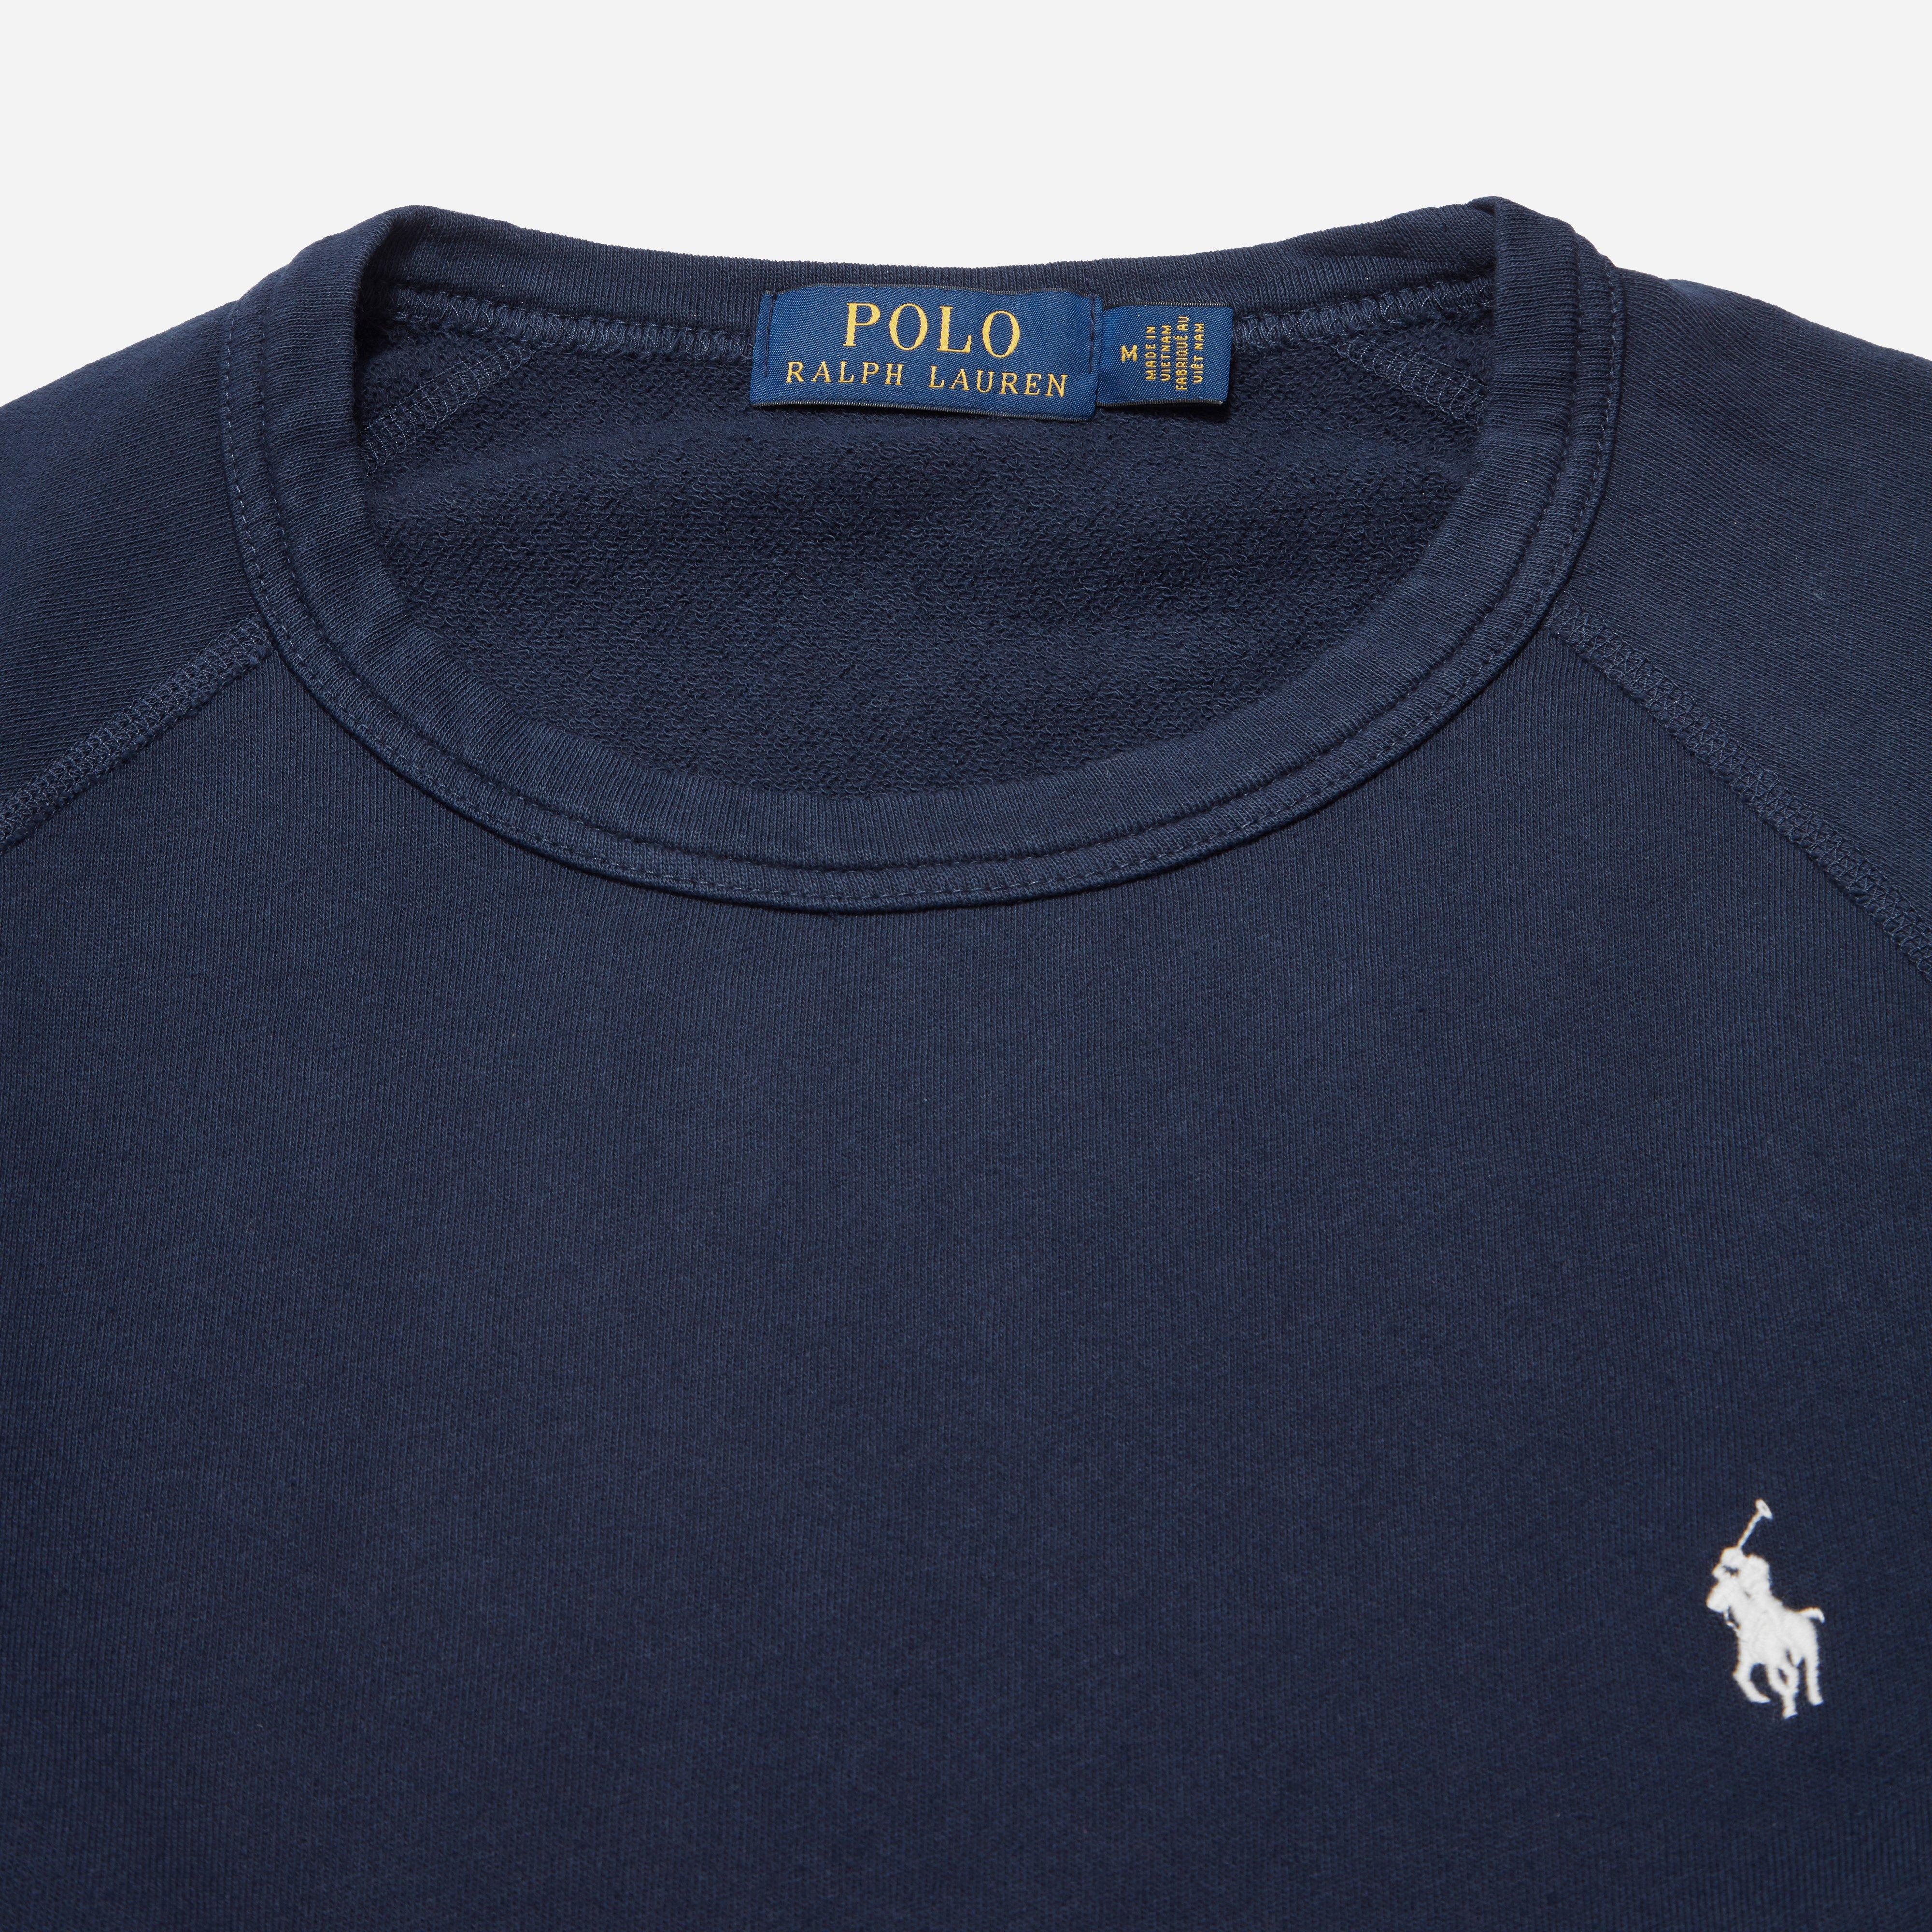 Polo Shirts Lauren In VietnamToffee Art Ralph Made JK1lFc